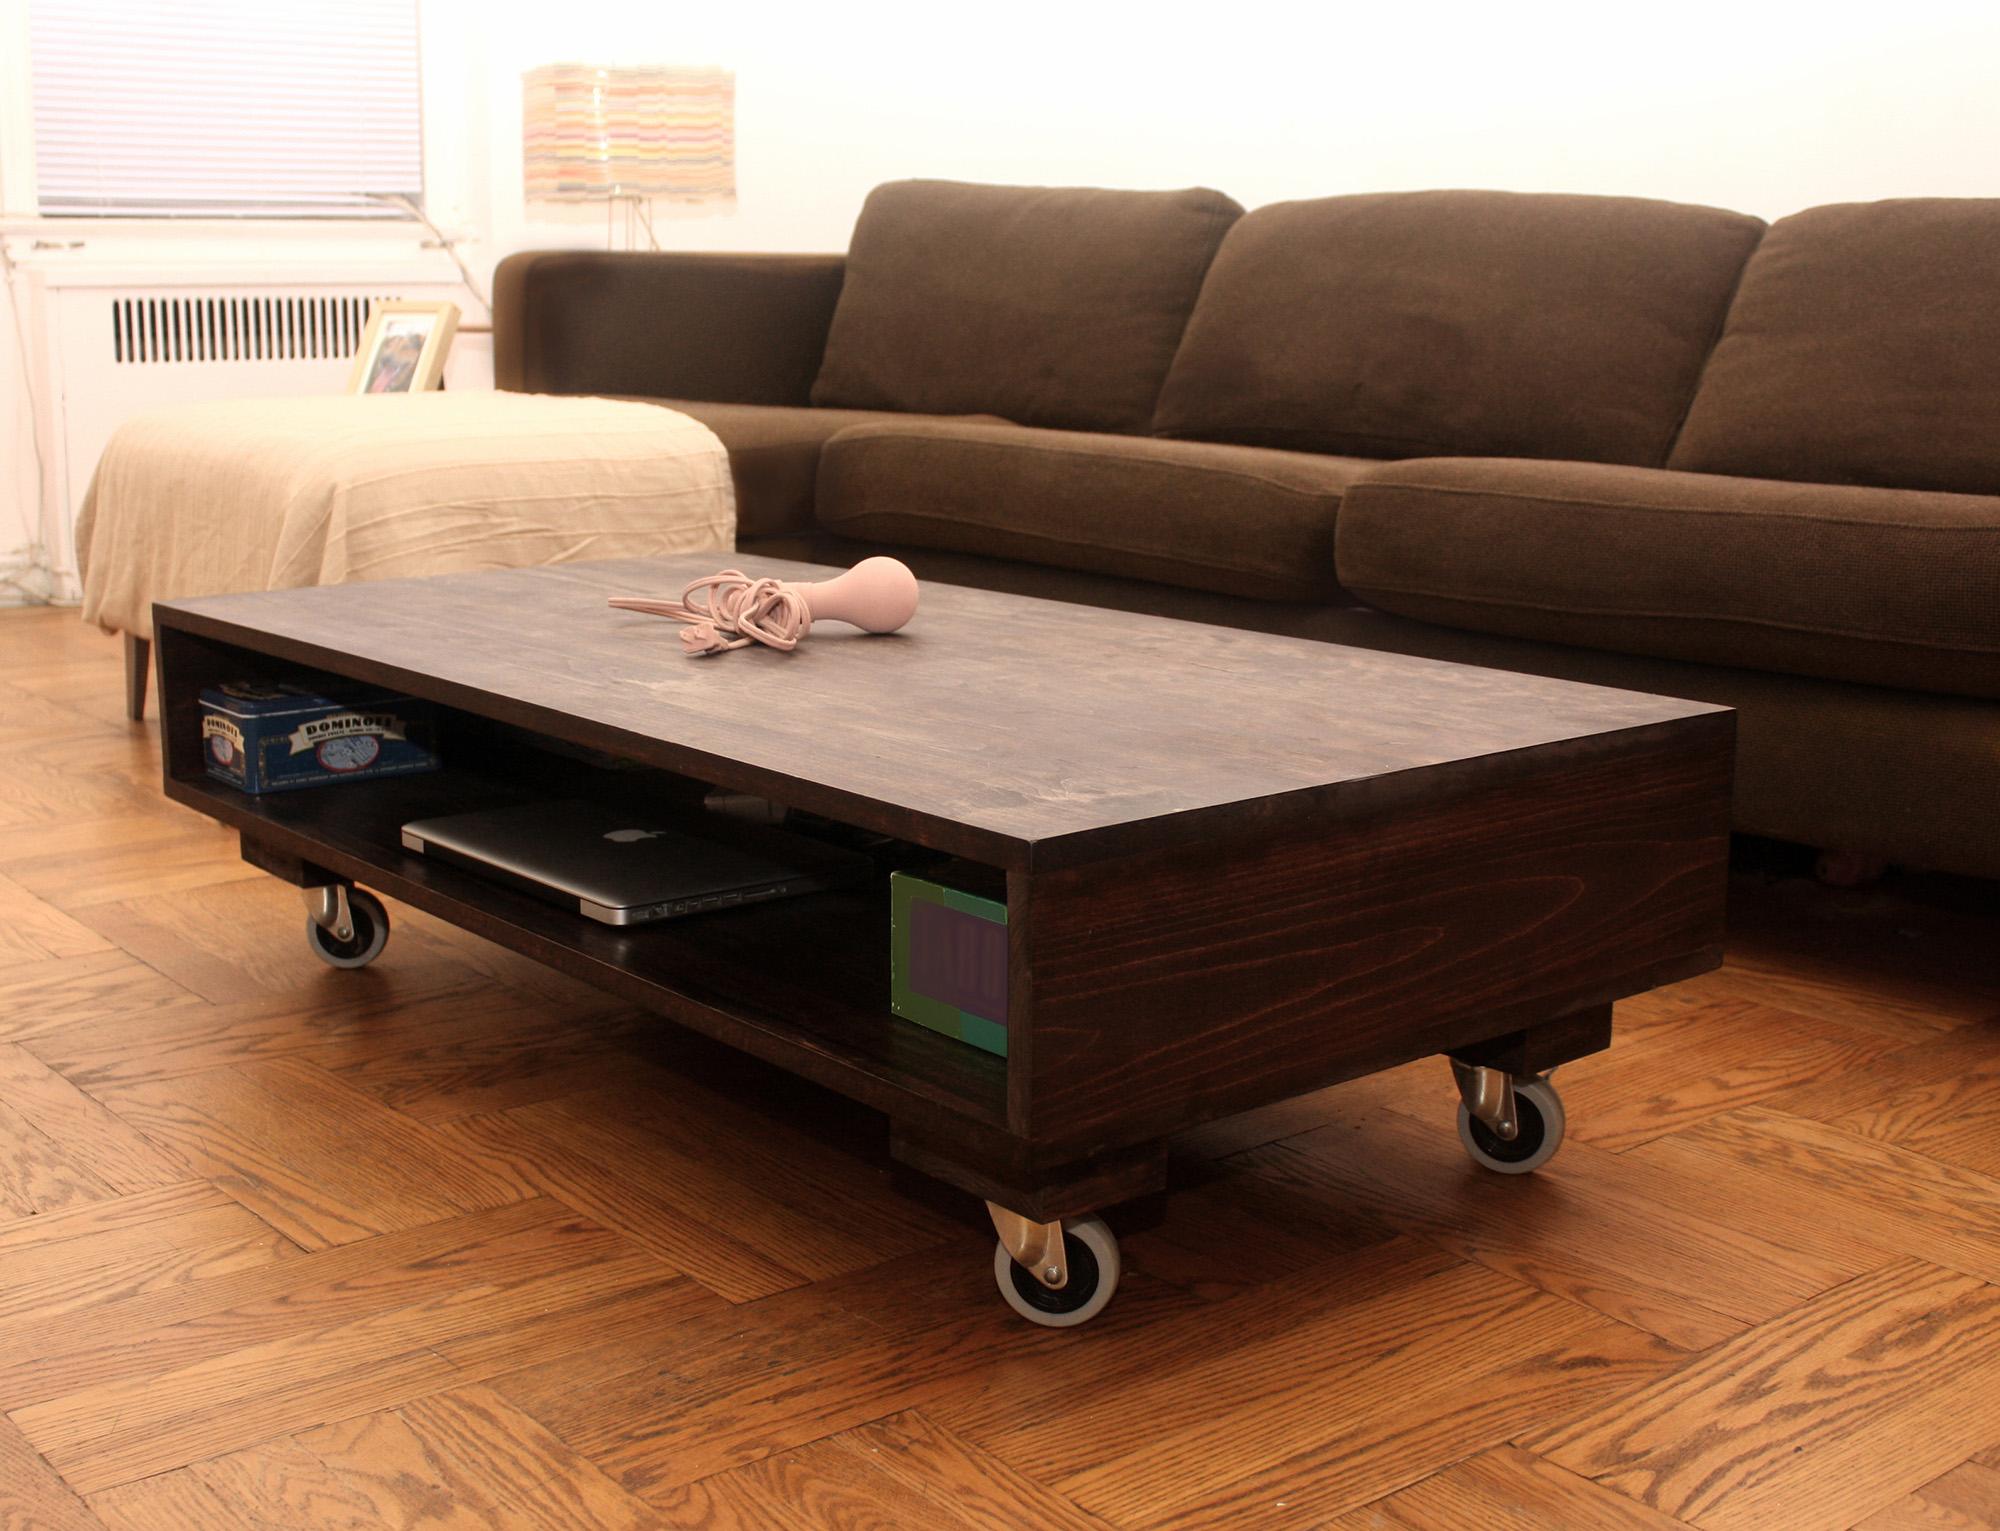 Простой кофейный столик на колесиках